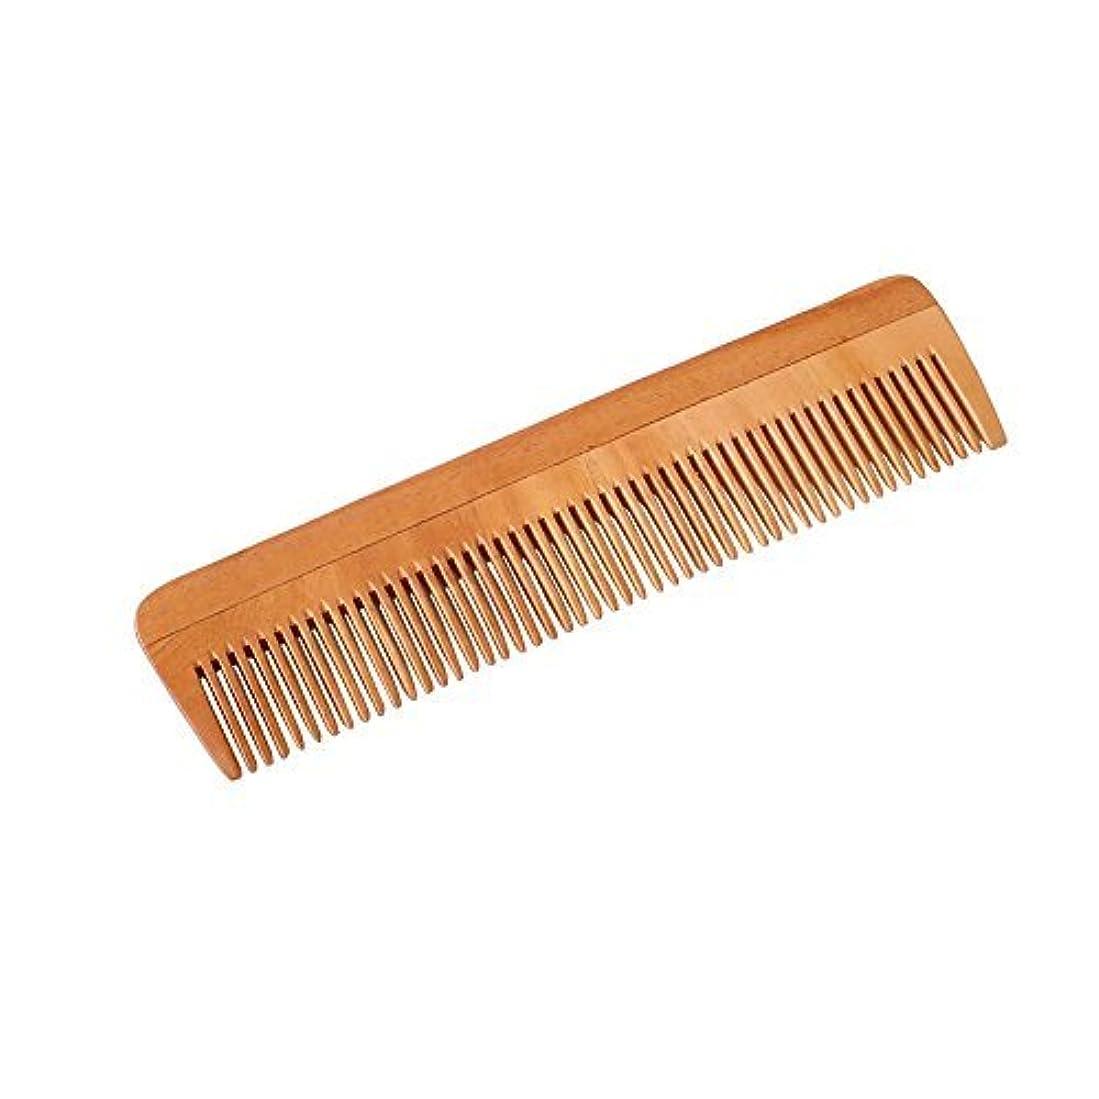 告白する直立胴体HealthAndYoga(TM) Handcrafted Neem Wood Comb - Non-Static and Eco-friendly- Great for Scalp and Hair health -7...